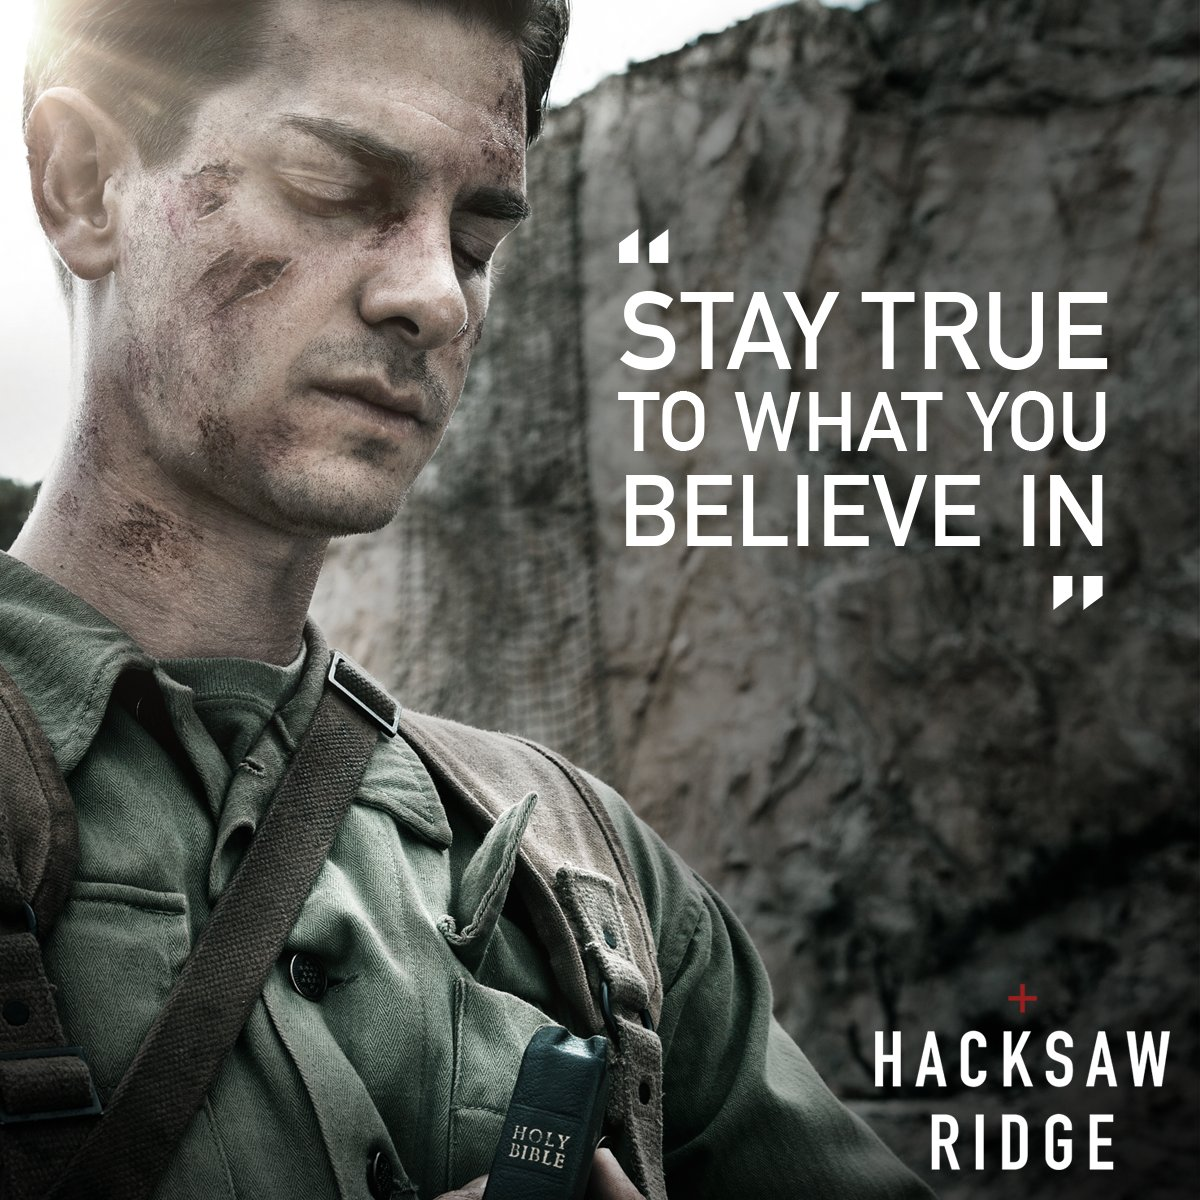 Hacksaw Ridge On Twitter Desmond Doss Andrew Garfield Always Stood Up For What He Believed In Hacksawridge